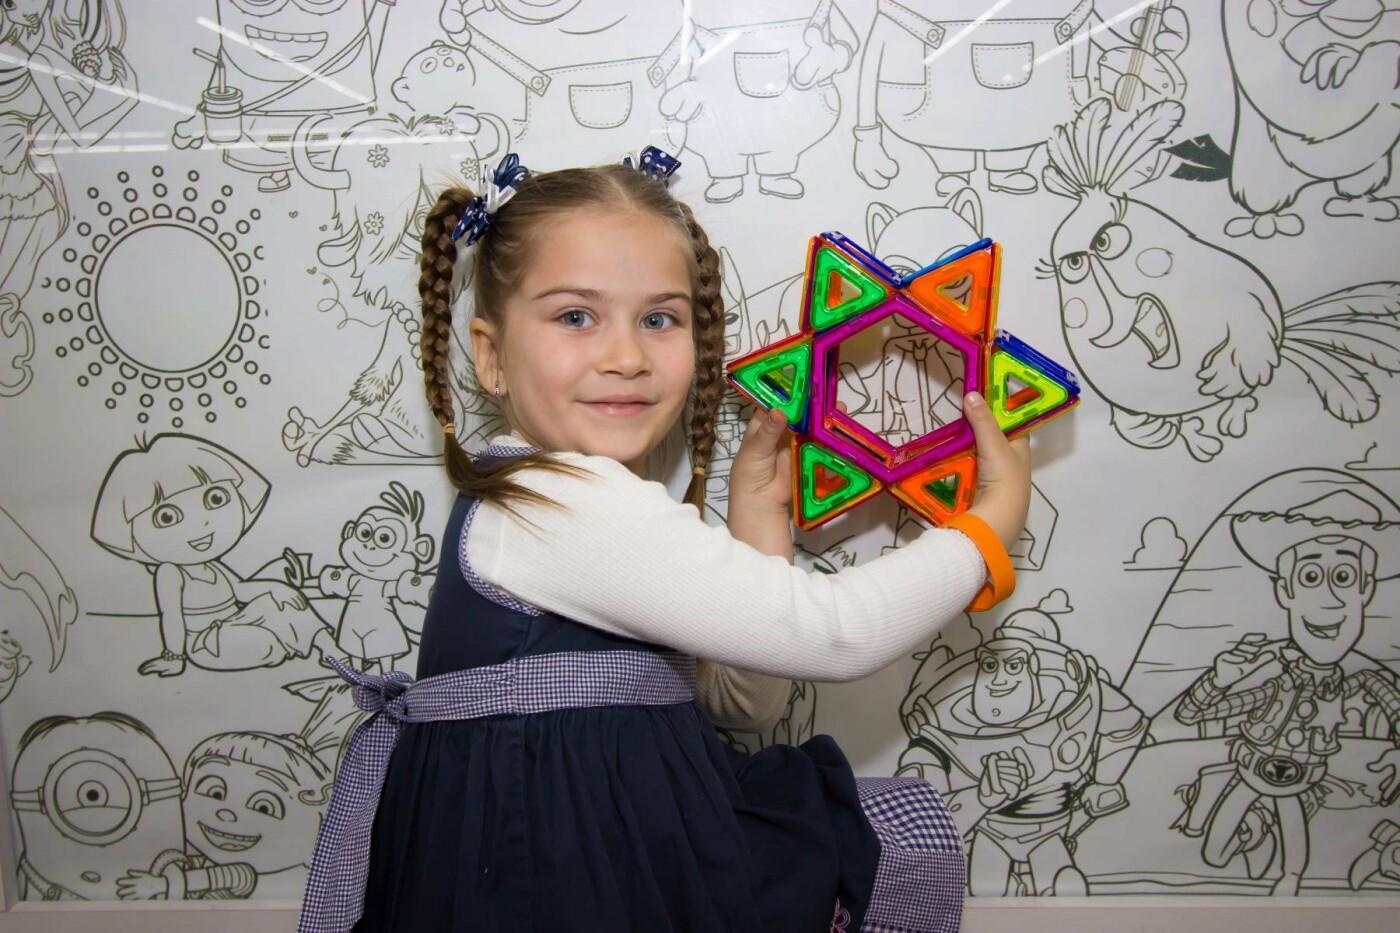 Магнитный конструктор – не только развлечение, но и современное развитие ребенка, фото-2